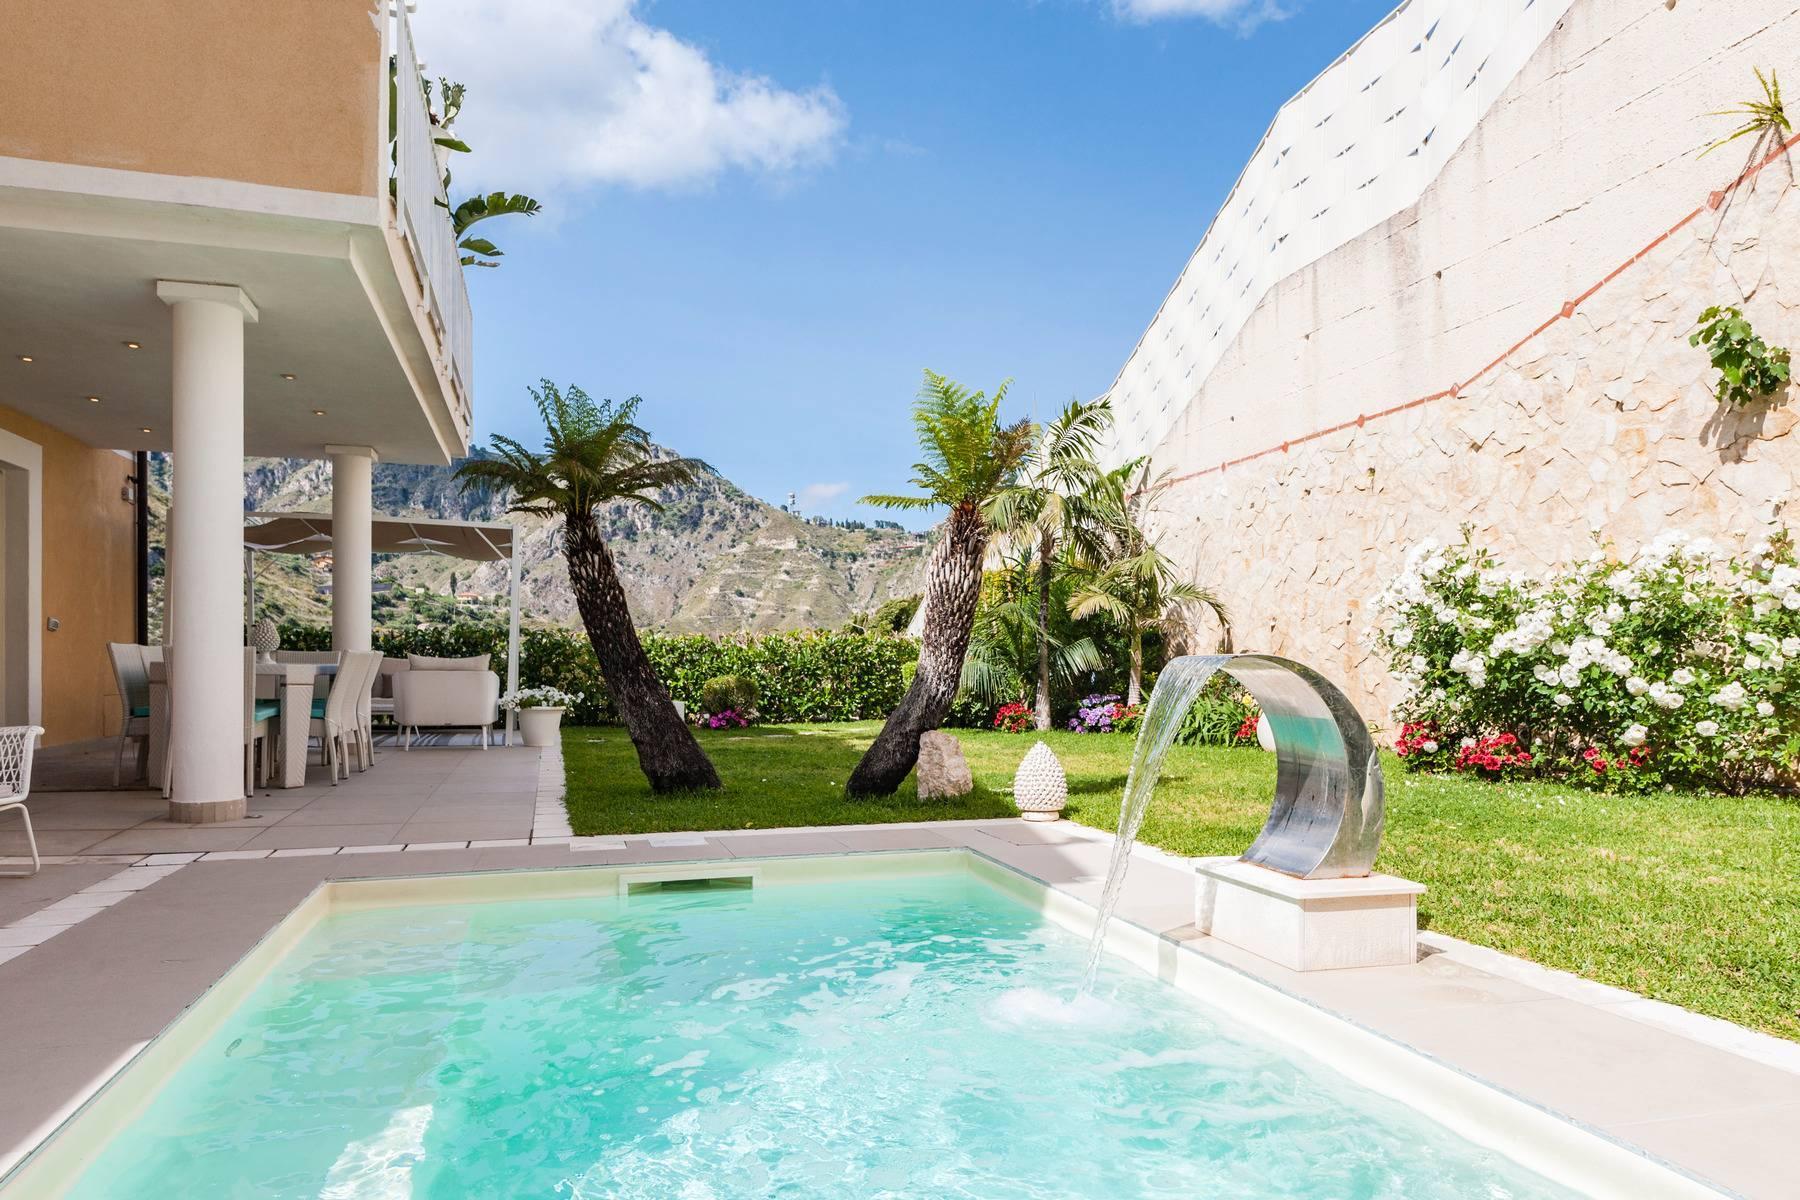 Modern villa with swimming pool in Taormina - 21